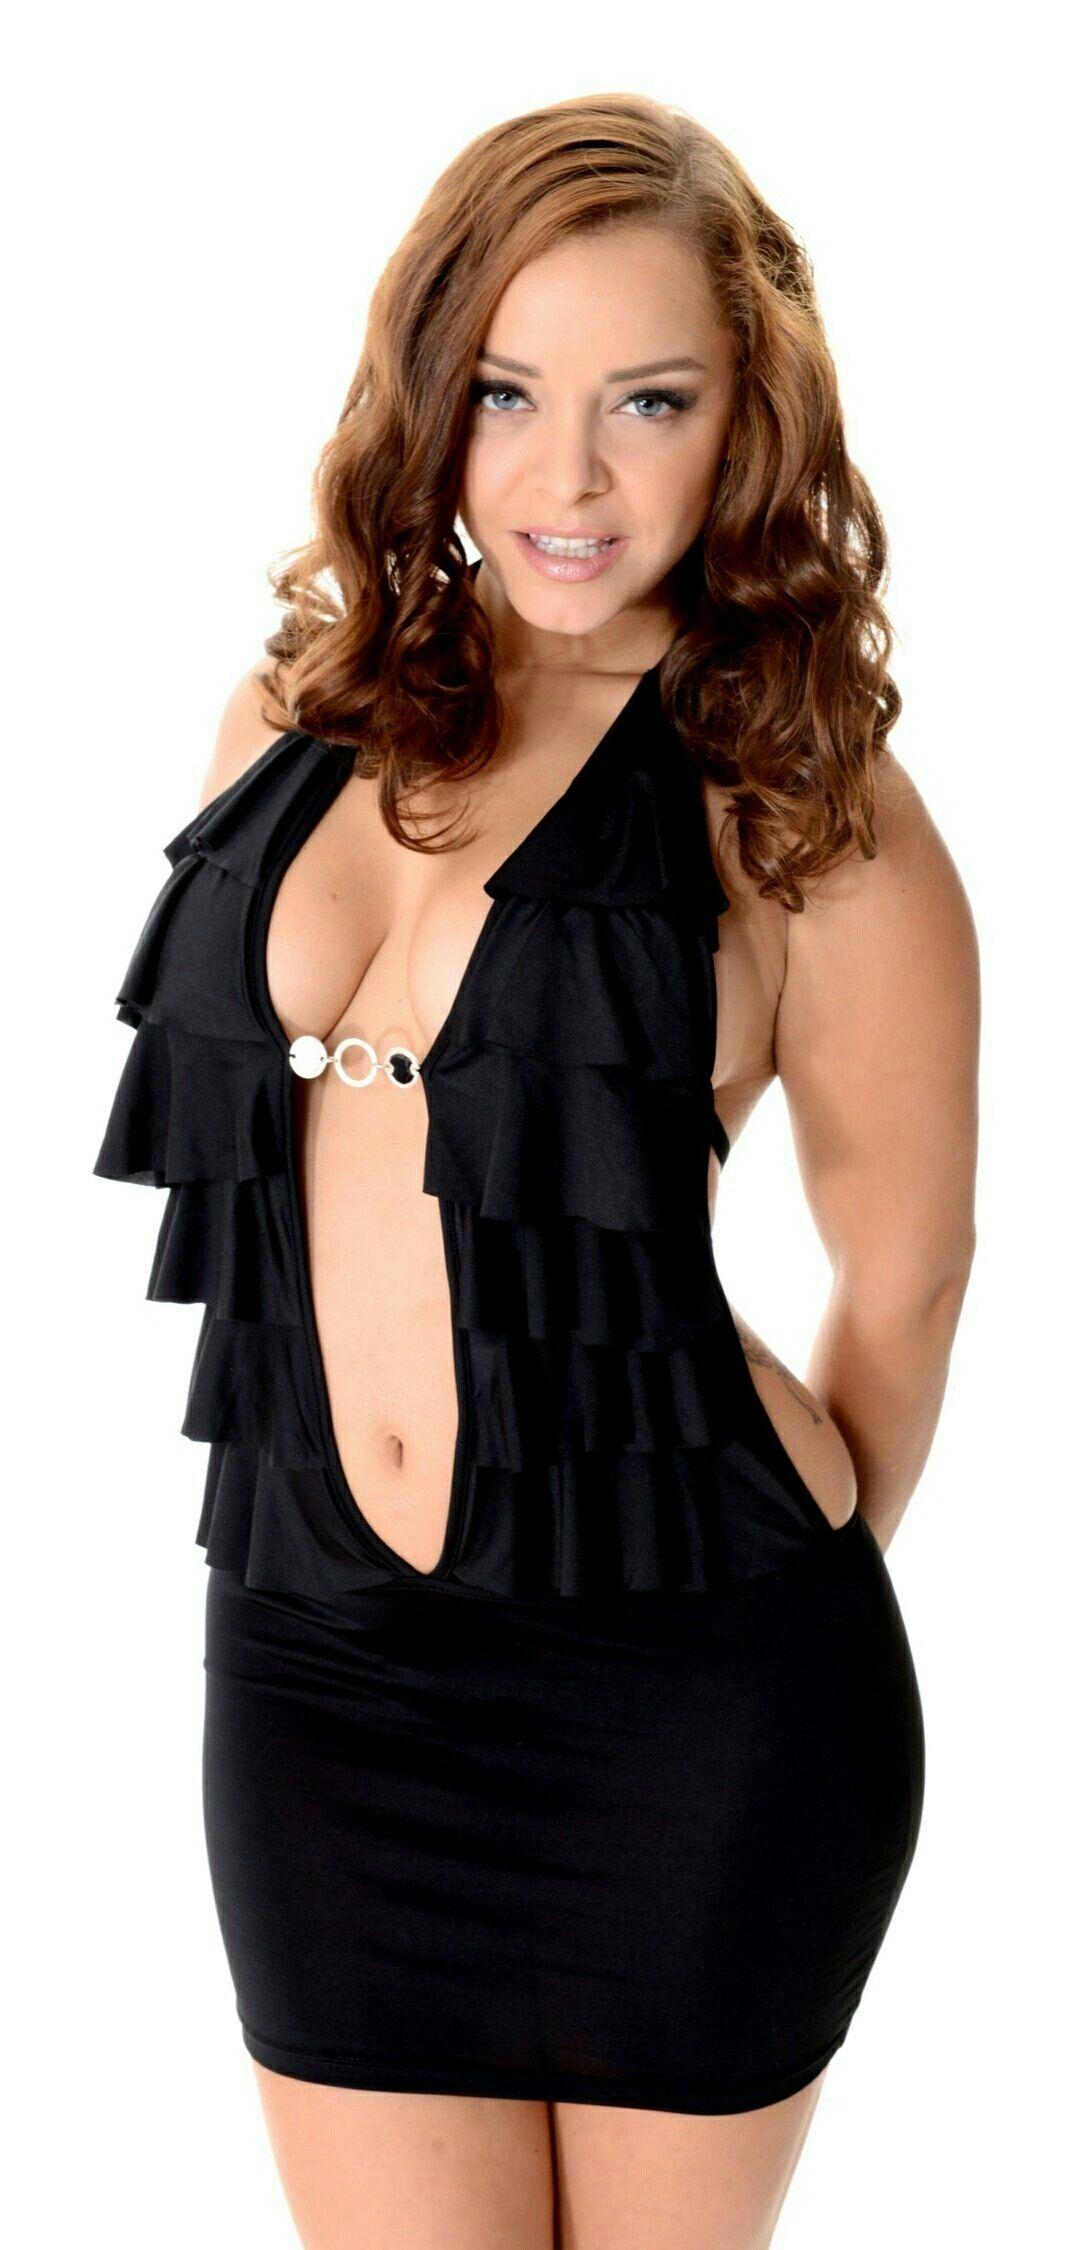 Liza Del Sierra Nude Photos 4